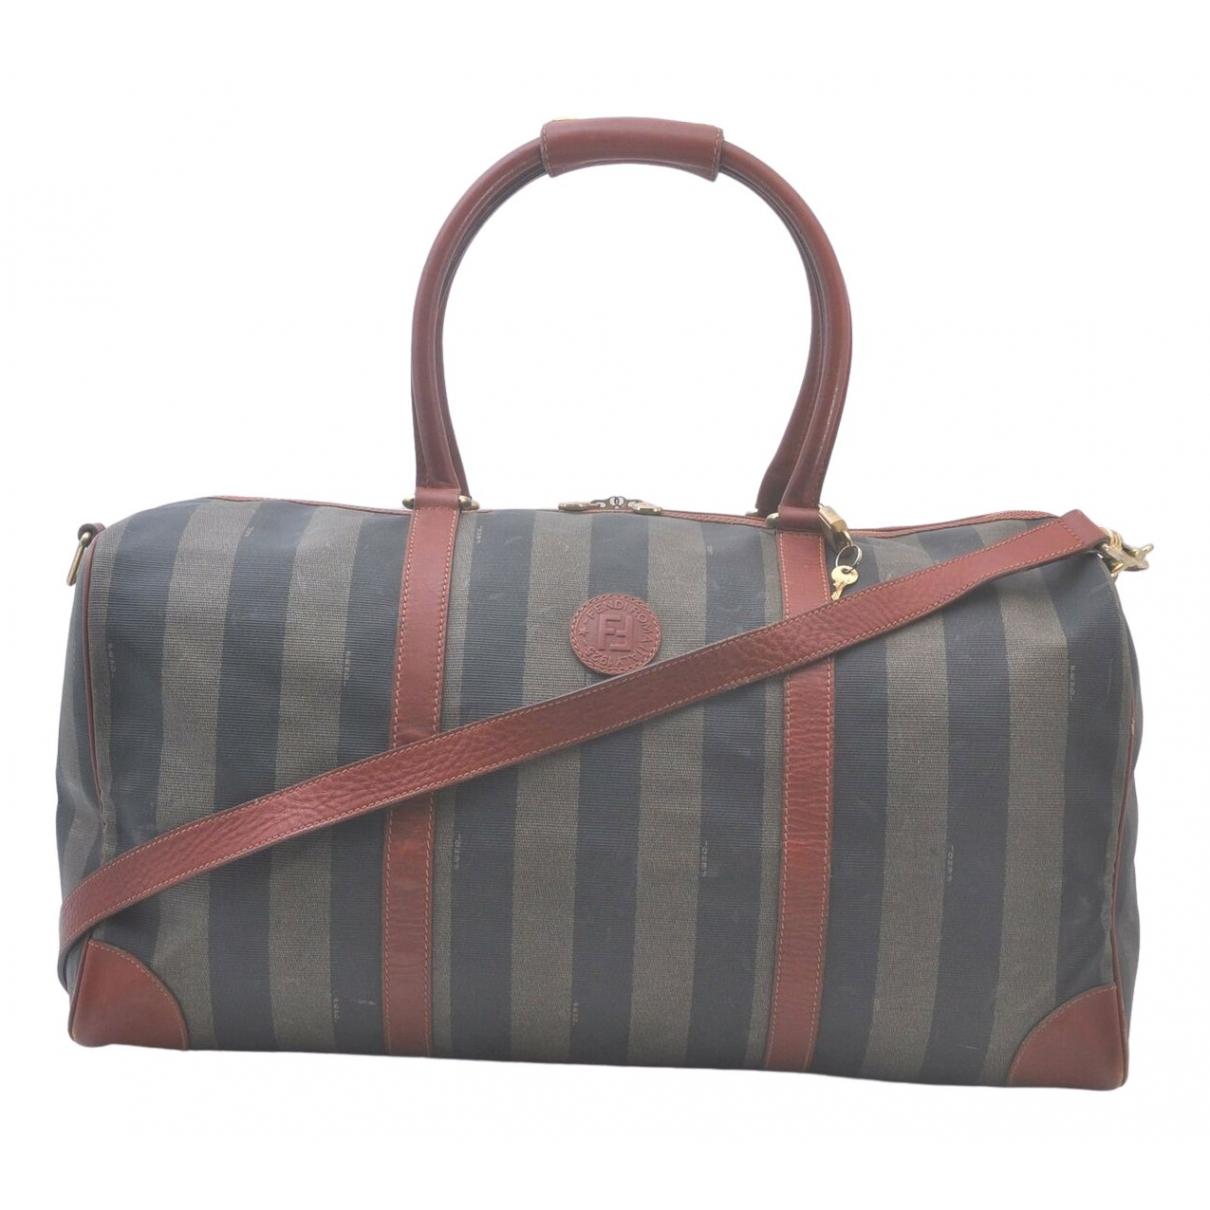 Fendi \N Brown Travel bag for Women \N